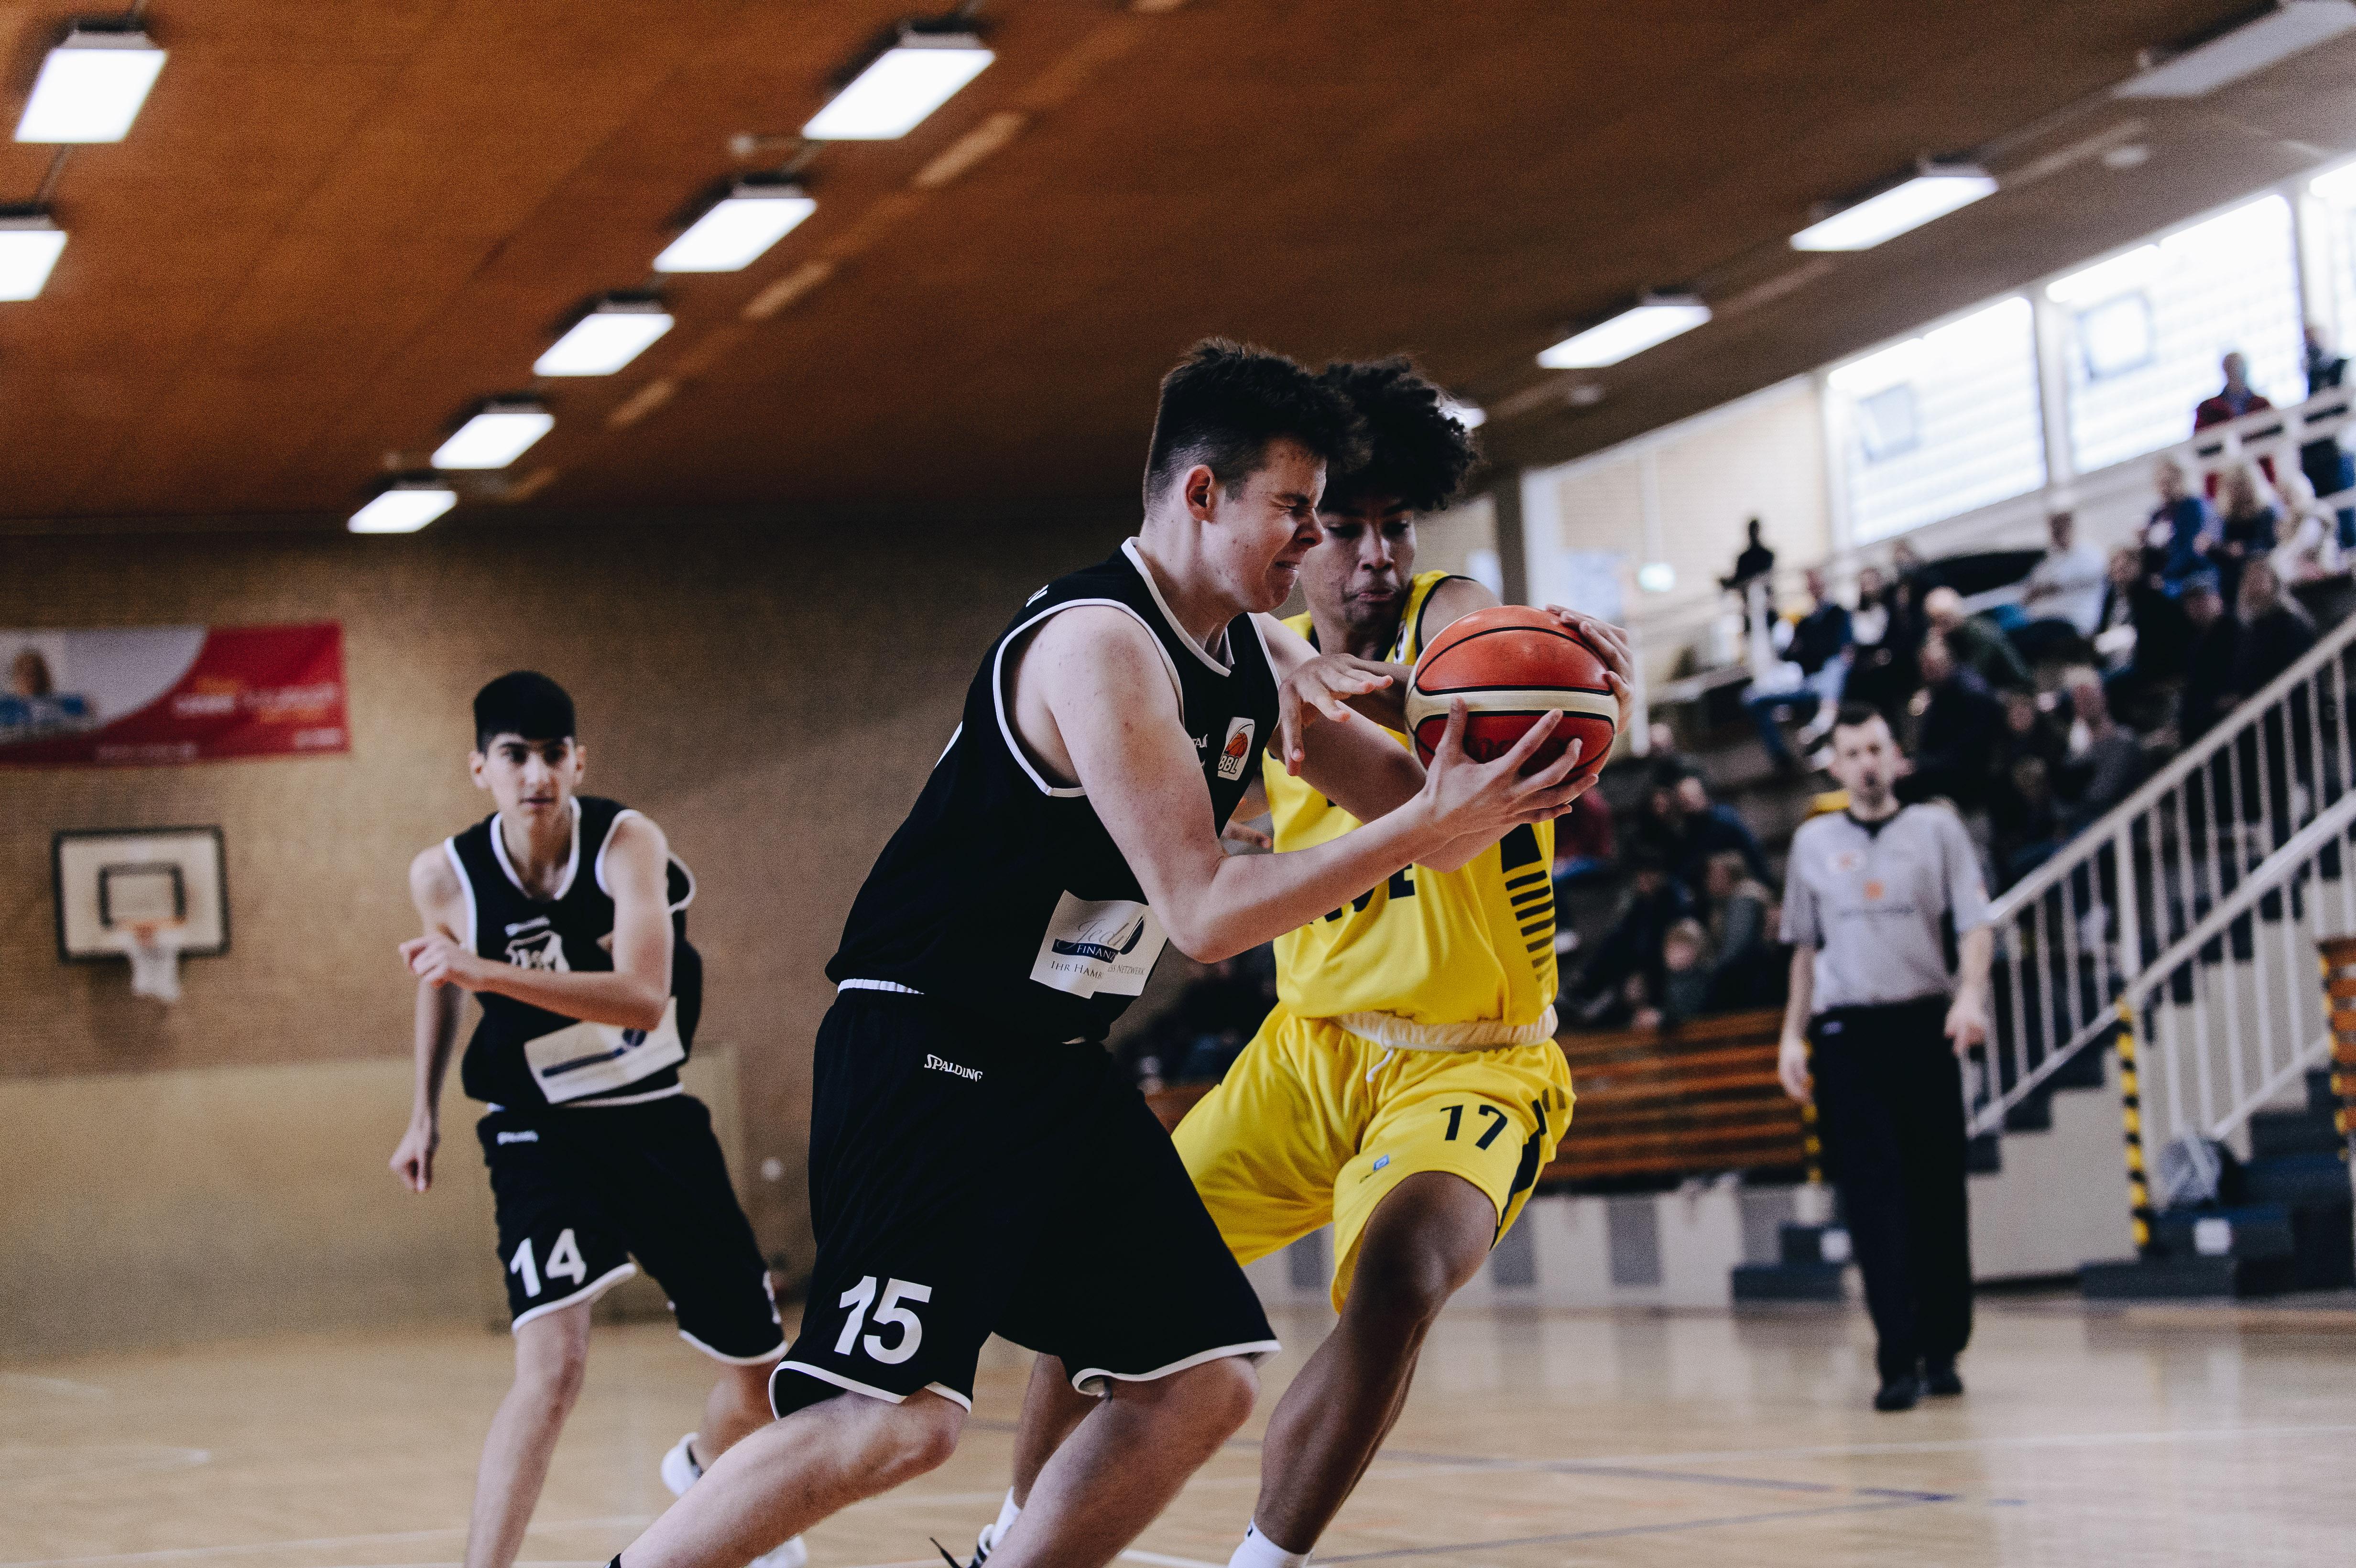 18.10.2020, Oldenburg, Sporthalle Haarenufer: Tim LITTMANN (#17 Baskets Juniors Oldenburg) beim JBBL-Spiel EWE Baskets Juniors - Bramfelder SV. Foto: Erik Hillmer